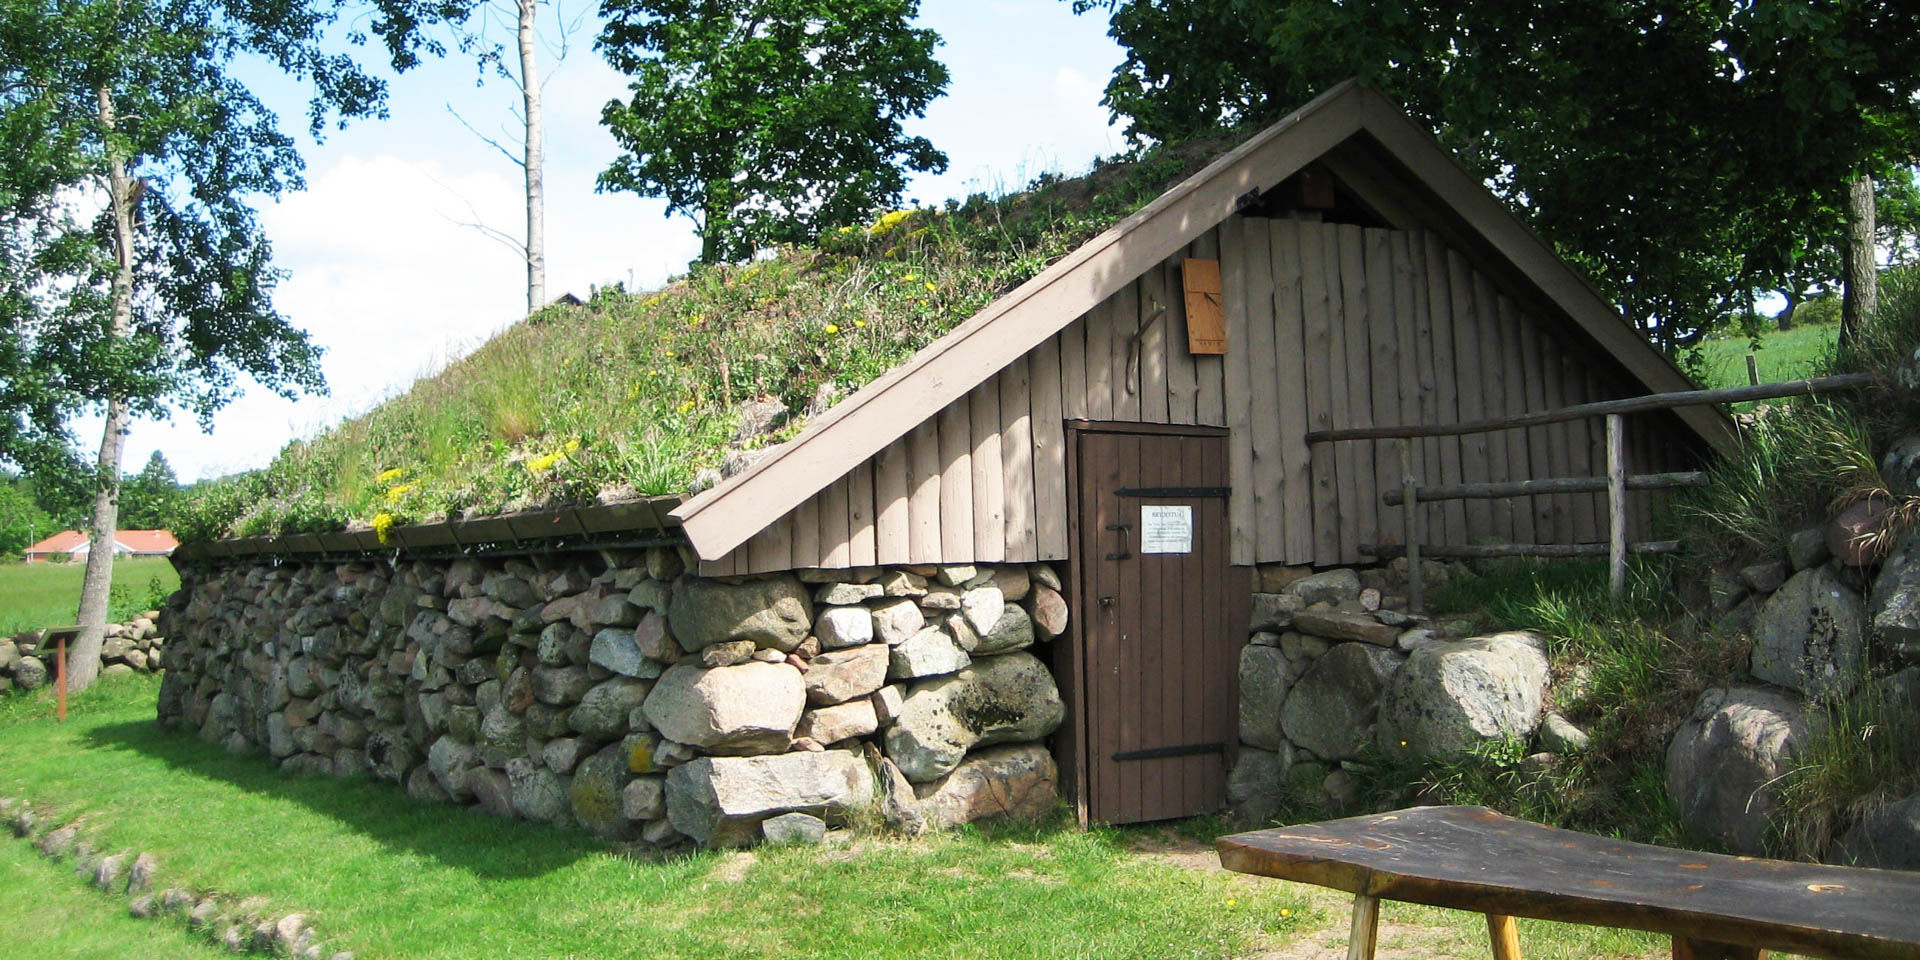 Linbastuan i Förslöv 2009